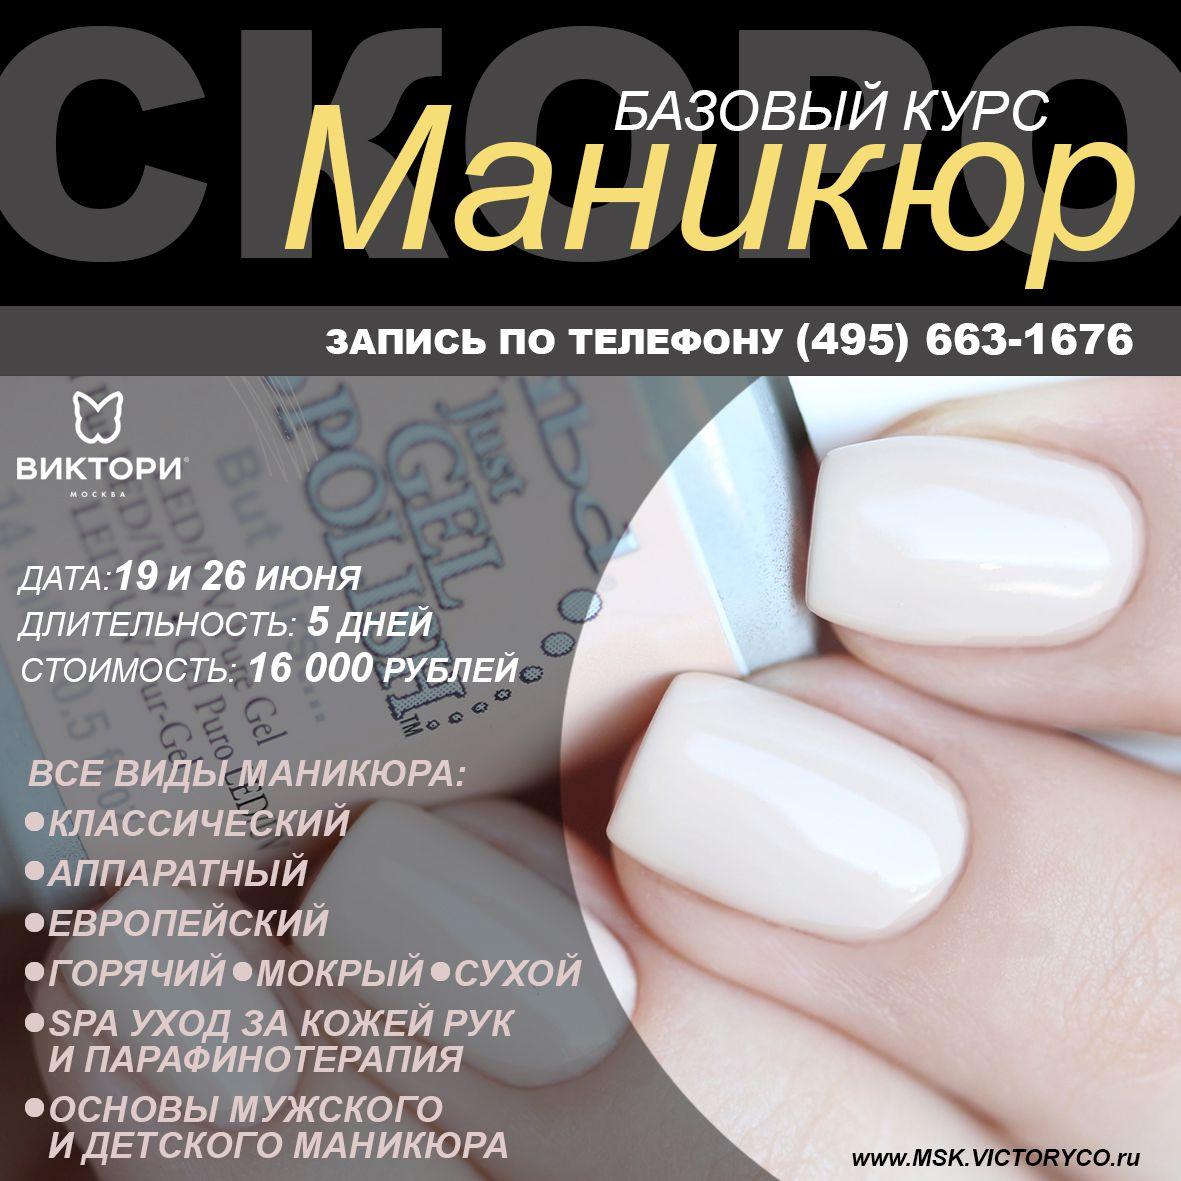 Школа маникюра виктори москва